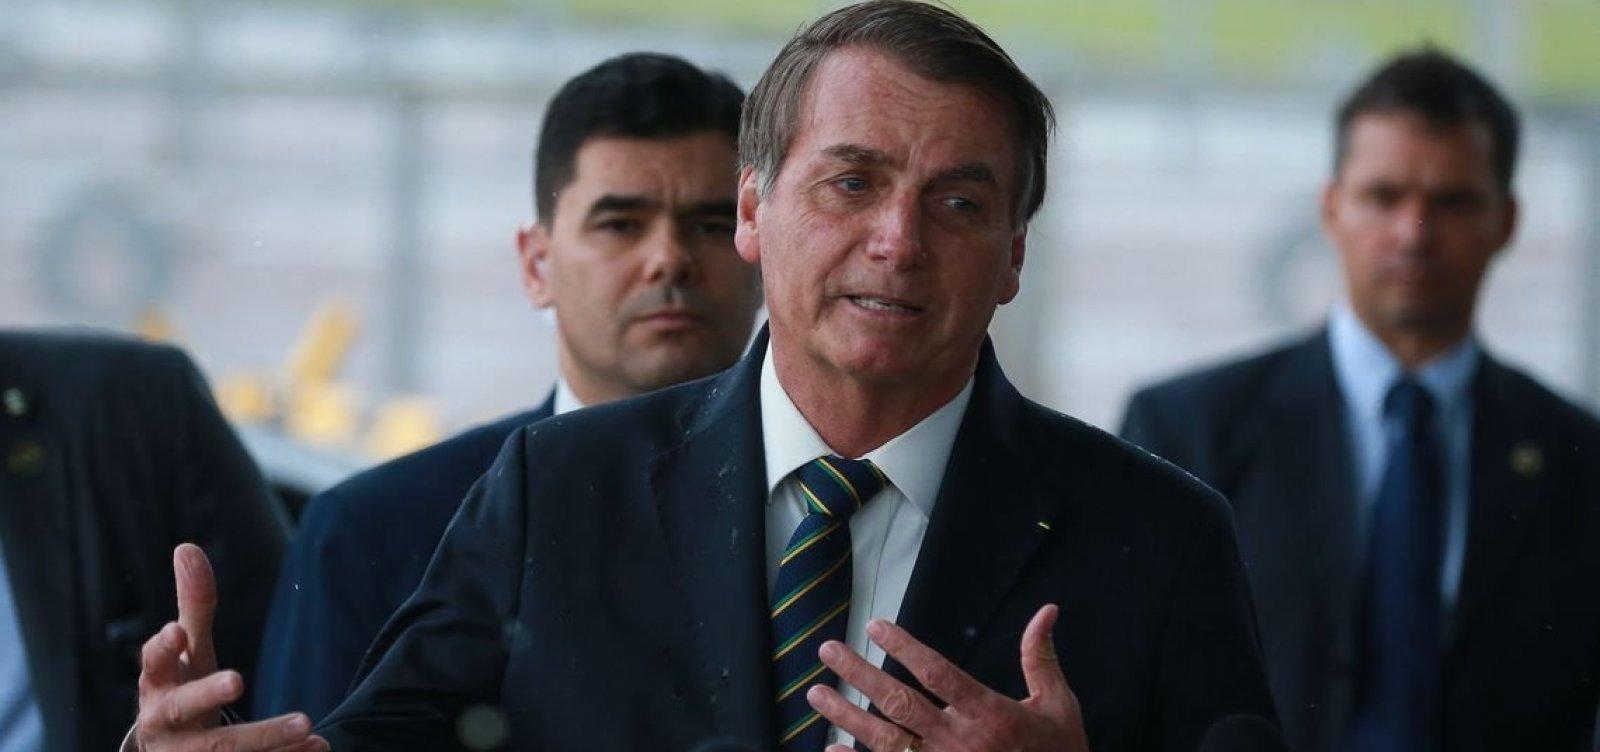 ['É só não ir ilegalmente para os EUA', diz Bolsonaro sobre brasileiros deportados]